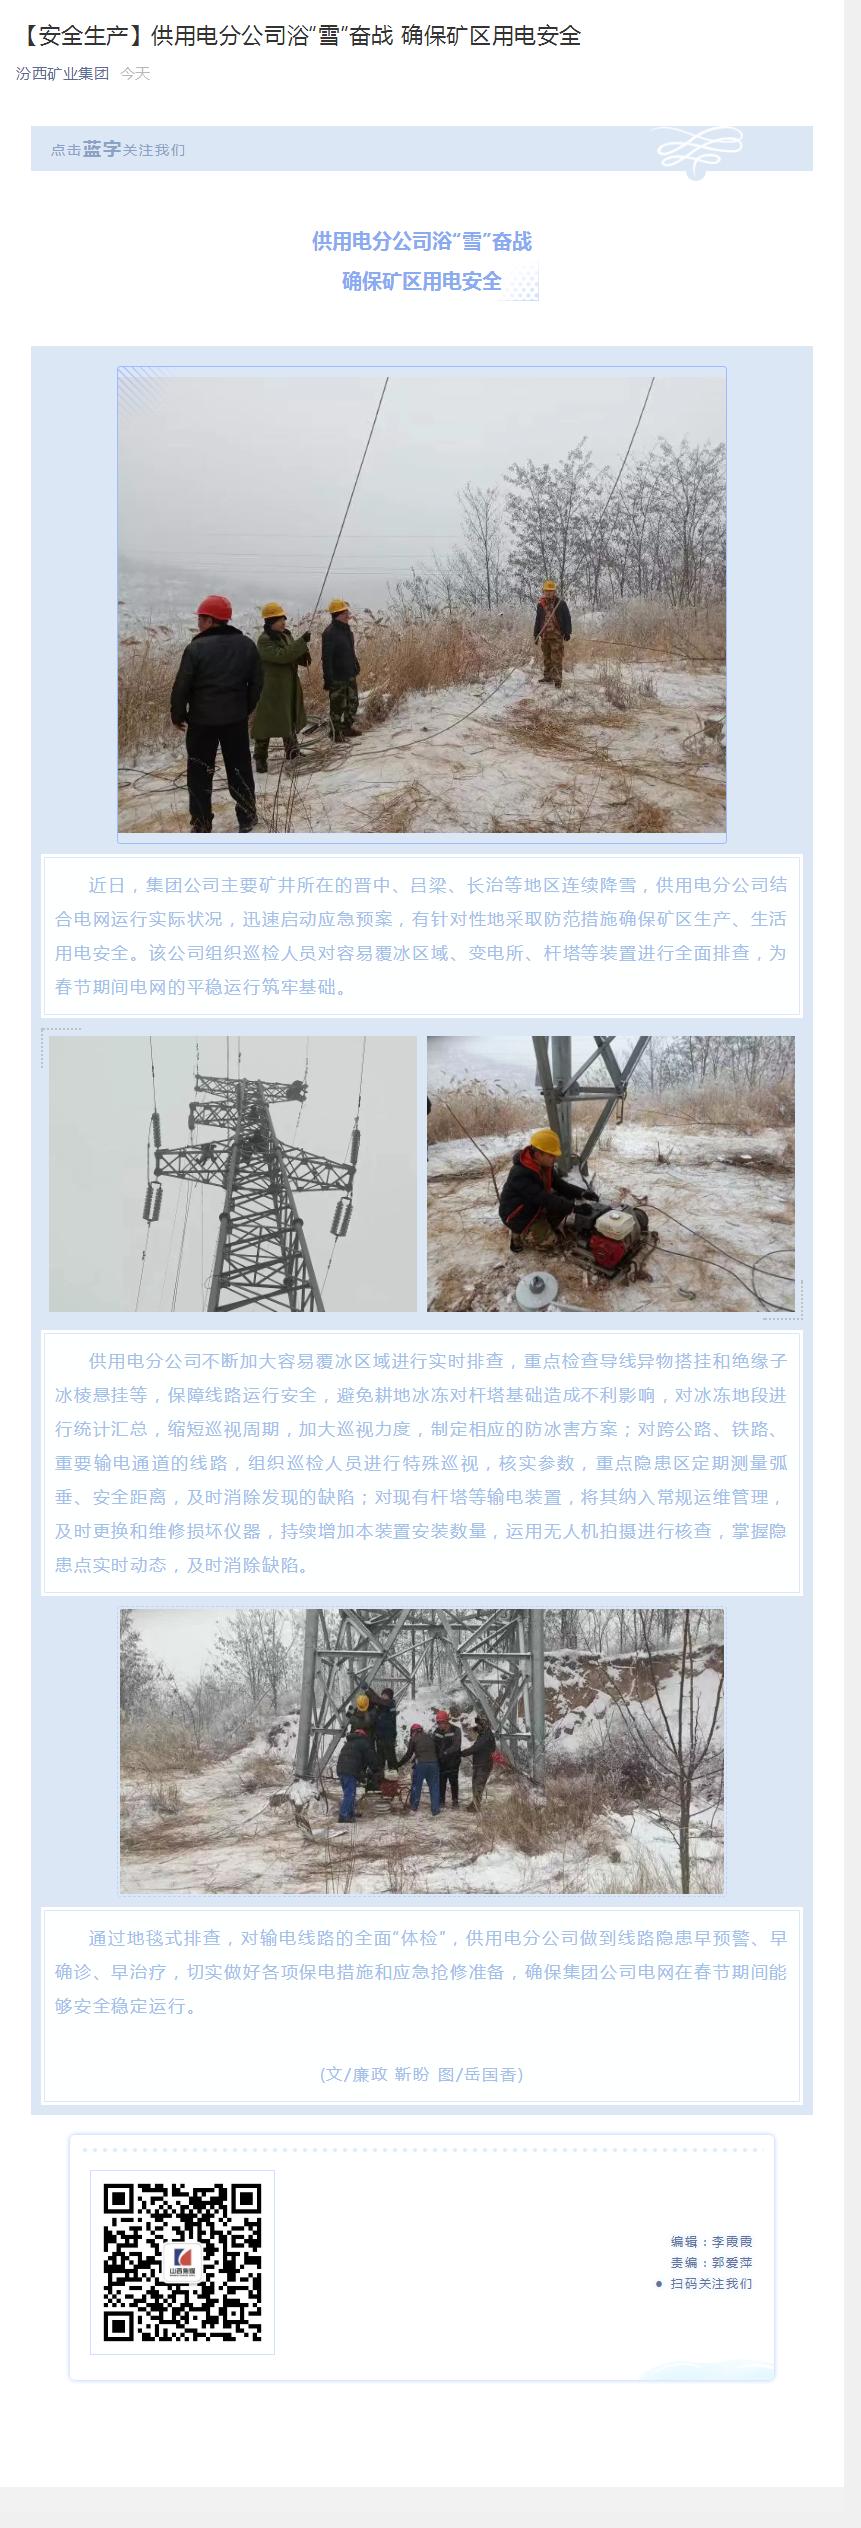 """【安全生产】供用电分公司浴""""雪""""奋战 确保矿区用电安全.png"""